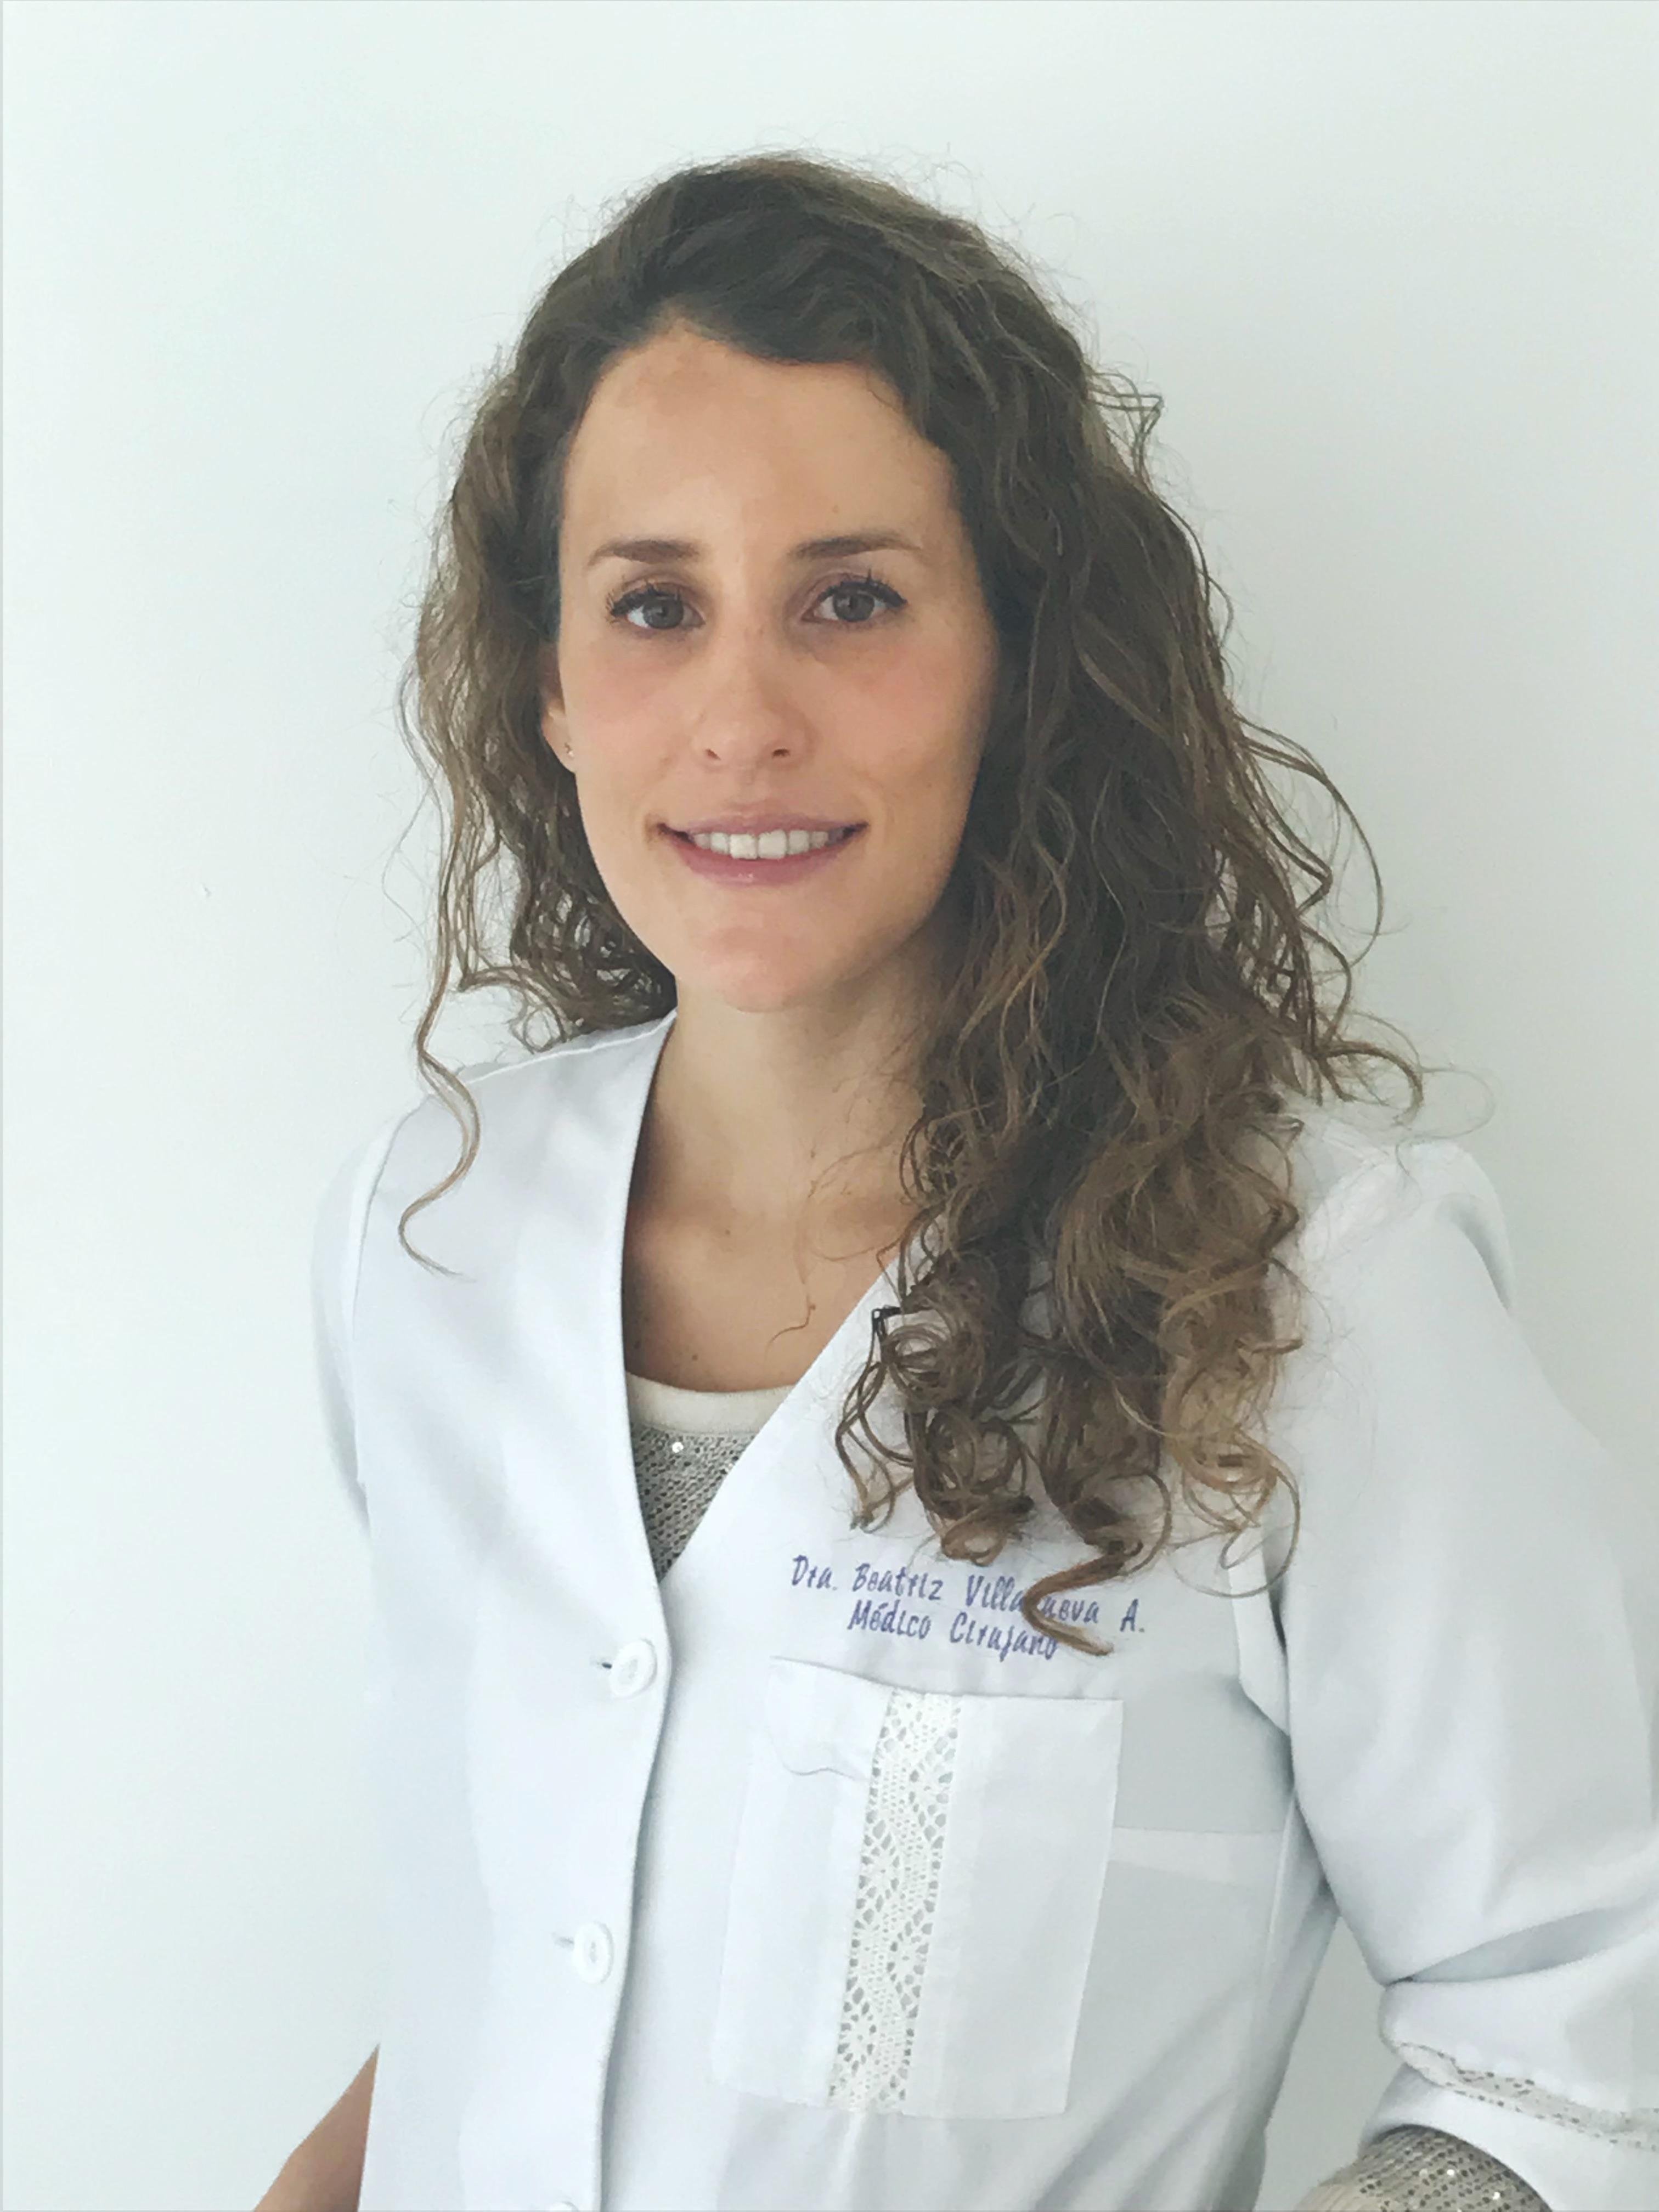 Dra. Beatriz Villanueva Aguirre